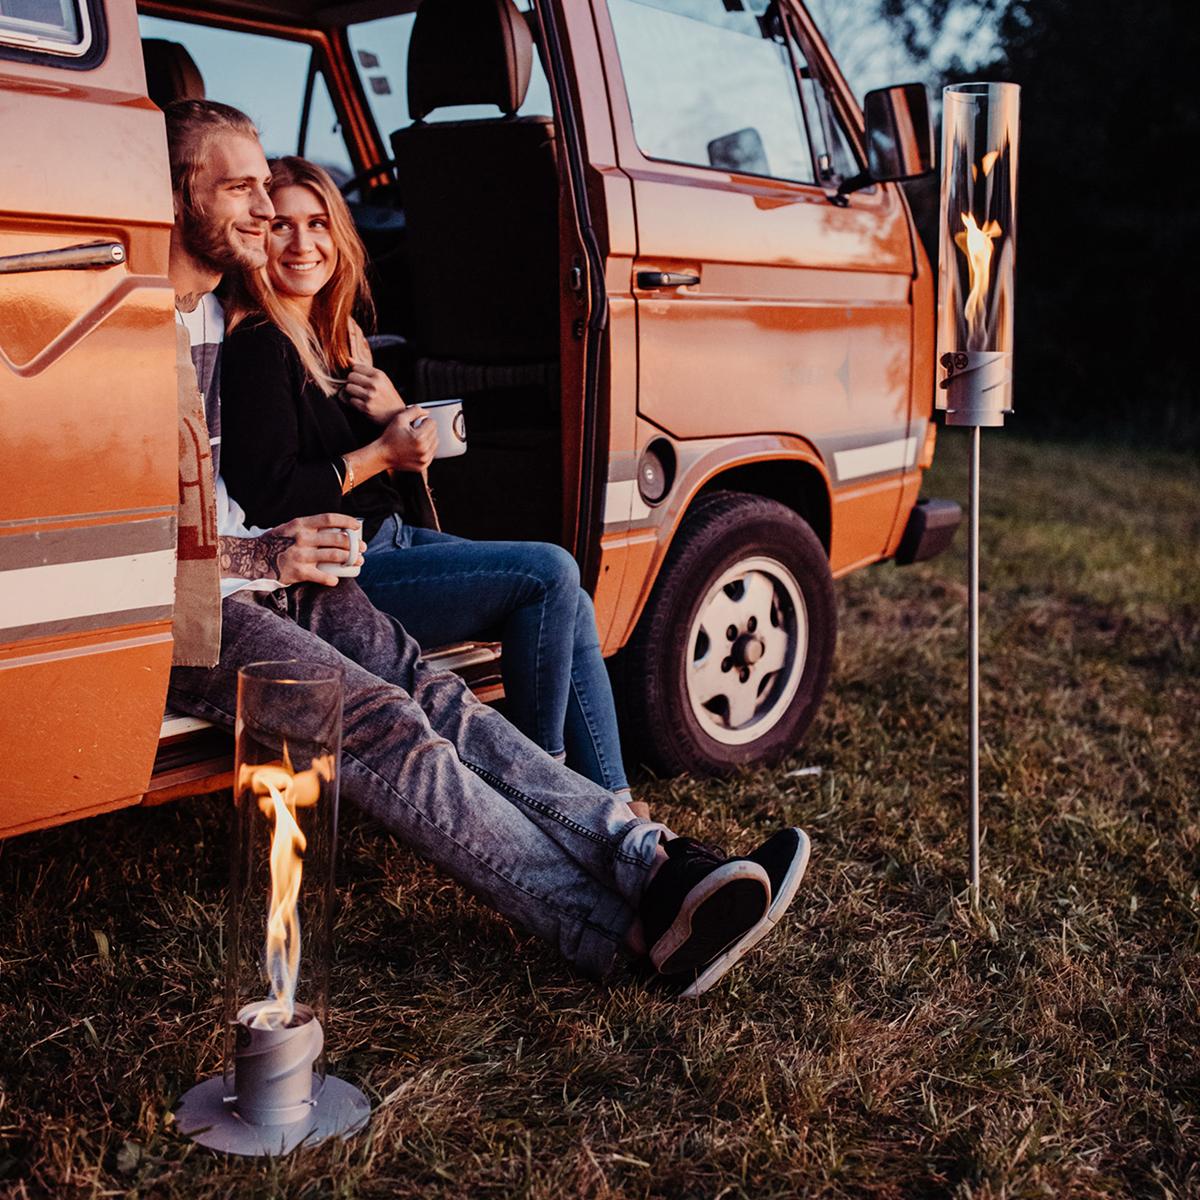 複数セットを篝火(かがりび)のように飾れば、屋外のムードも盛り上がるはず。煙突効果で炎が廻りながら上昇!煙が出にくい安全燃料の「テーブルランタン&ガーデントーチ」|Hofats SPIN(ホーファッツ スピン)